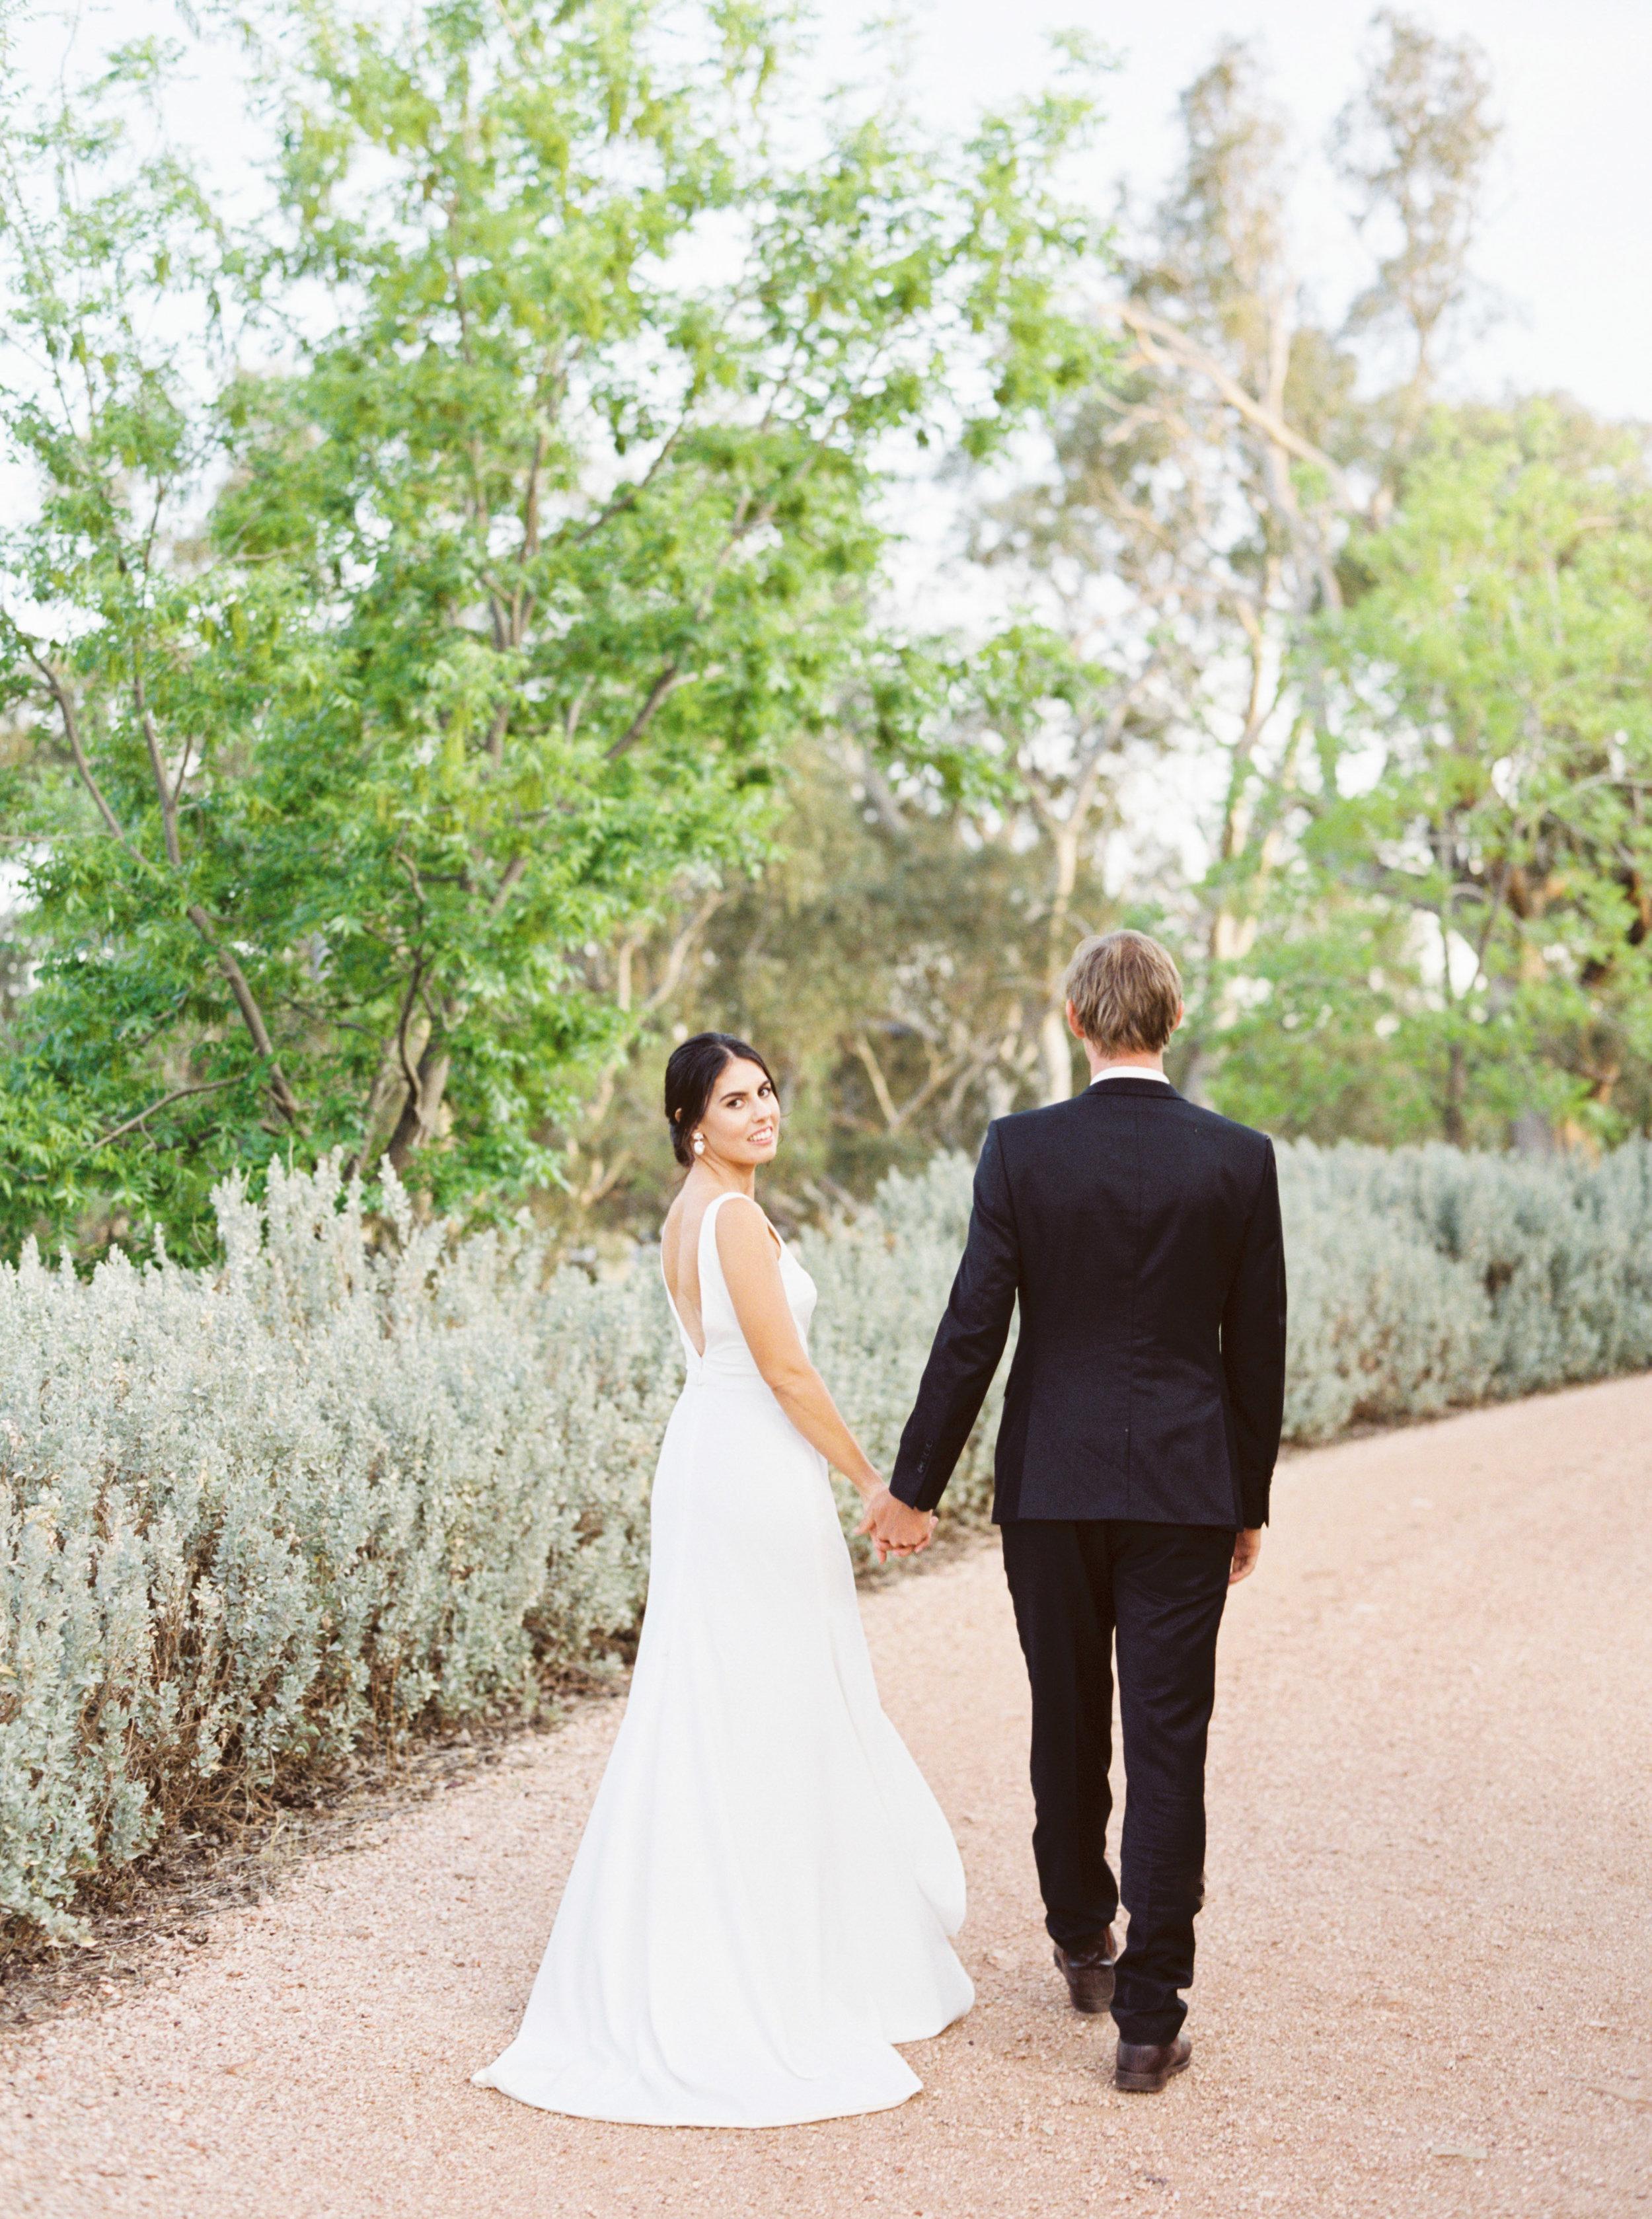 00060- Olive Tree Mediterranean Wedding in Mudgee NSW Australia Fine Art Film Wedding Lifestyle Photographer Sheri McMahon_.jpg